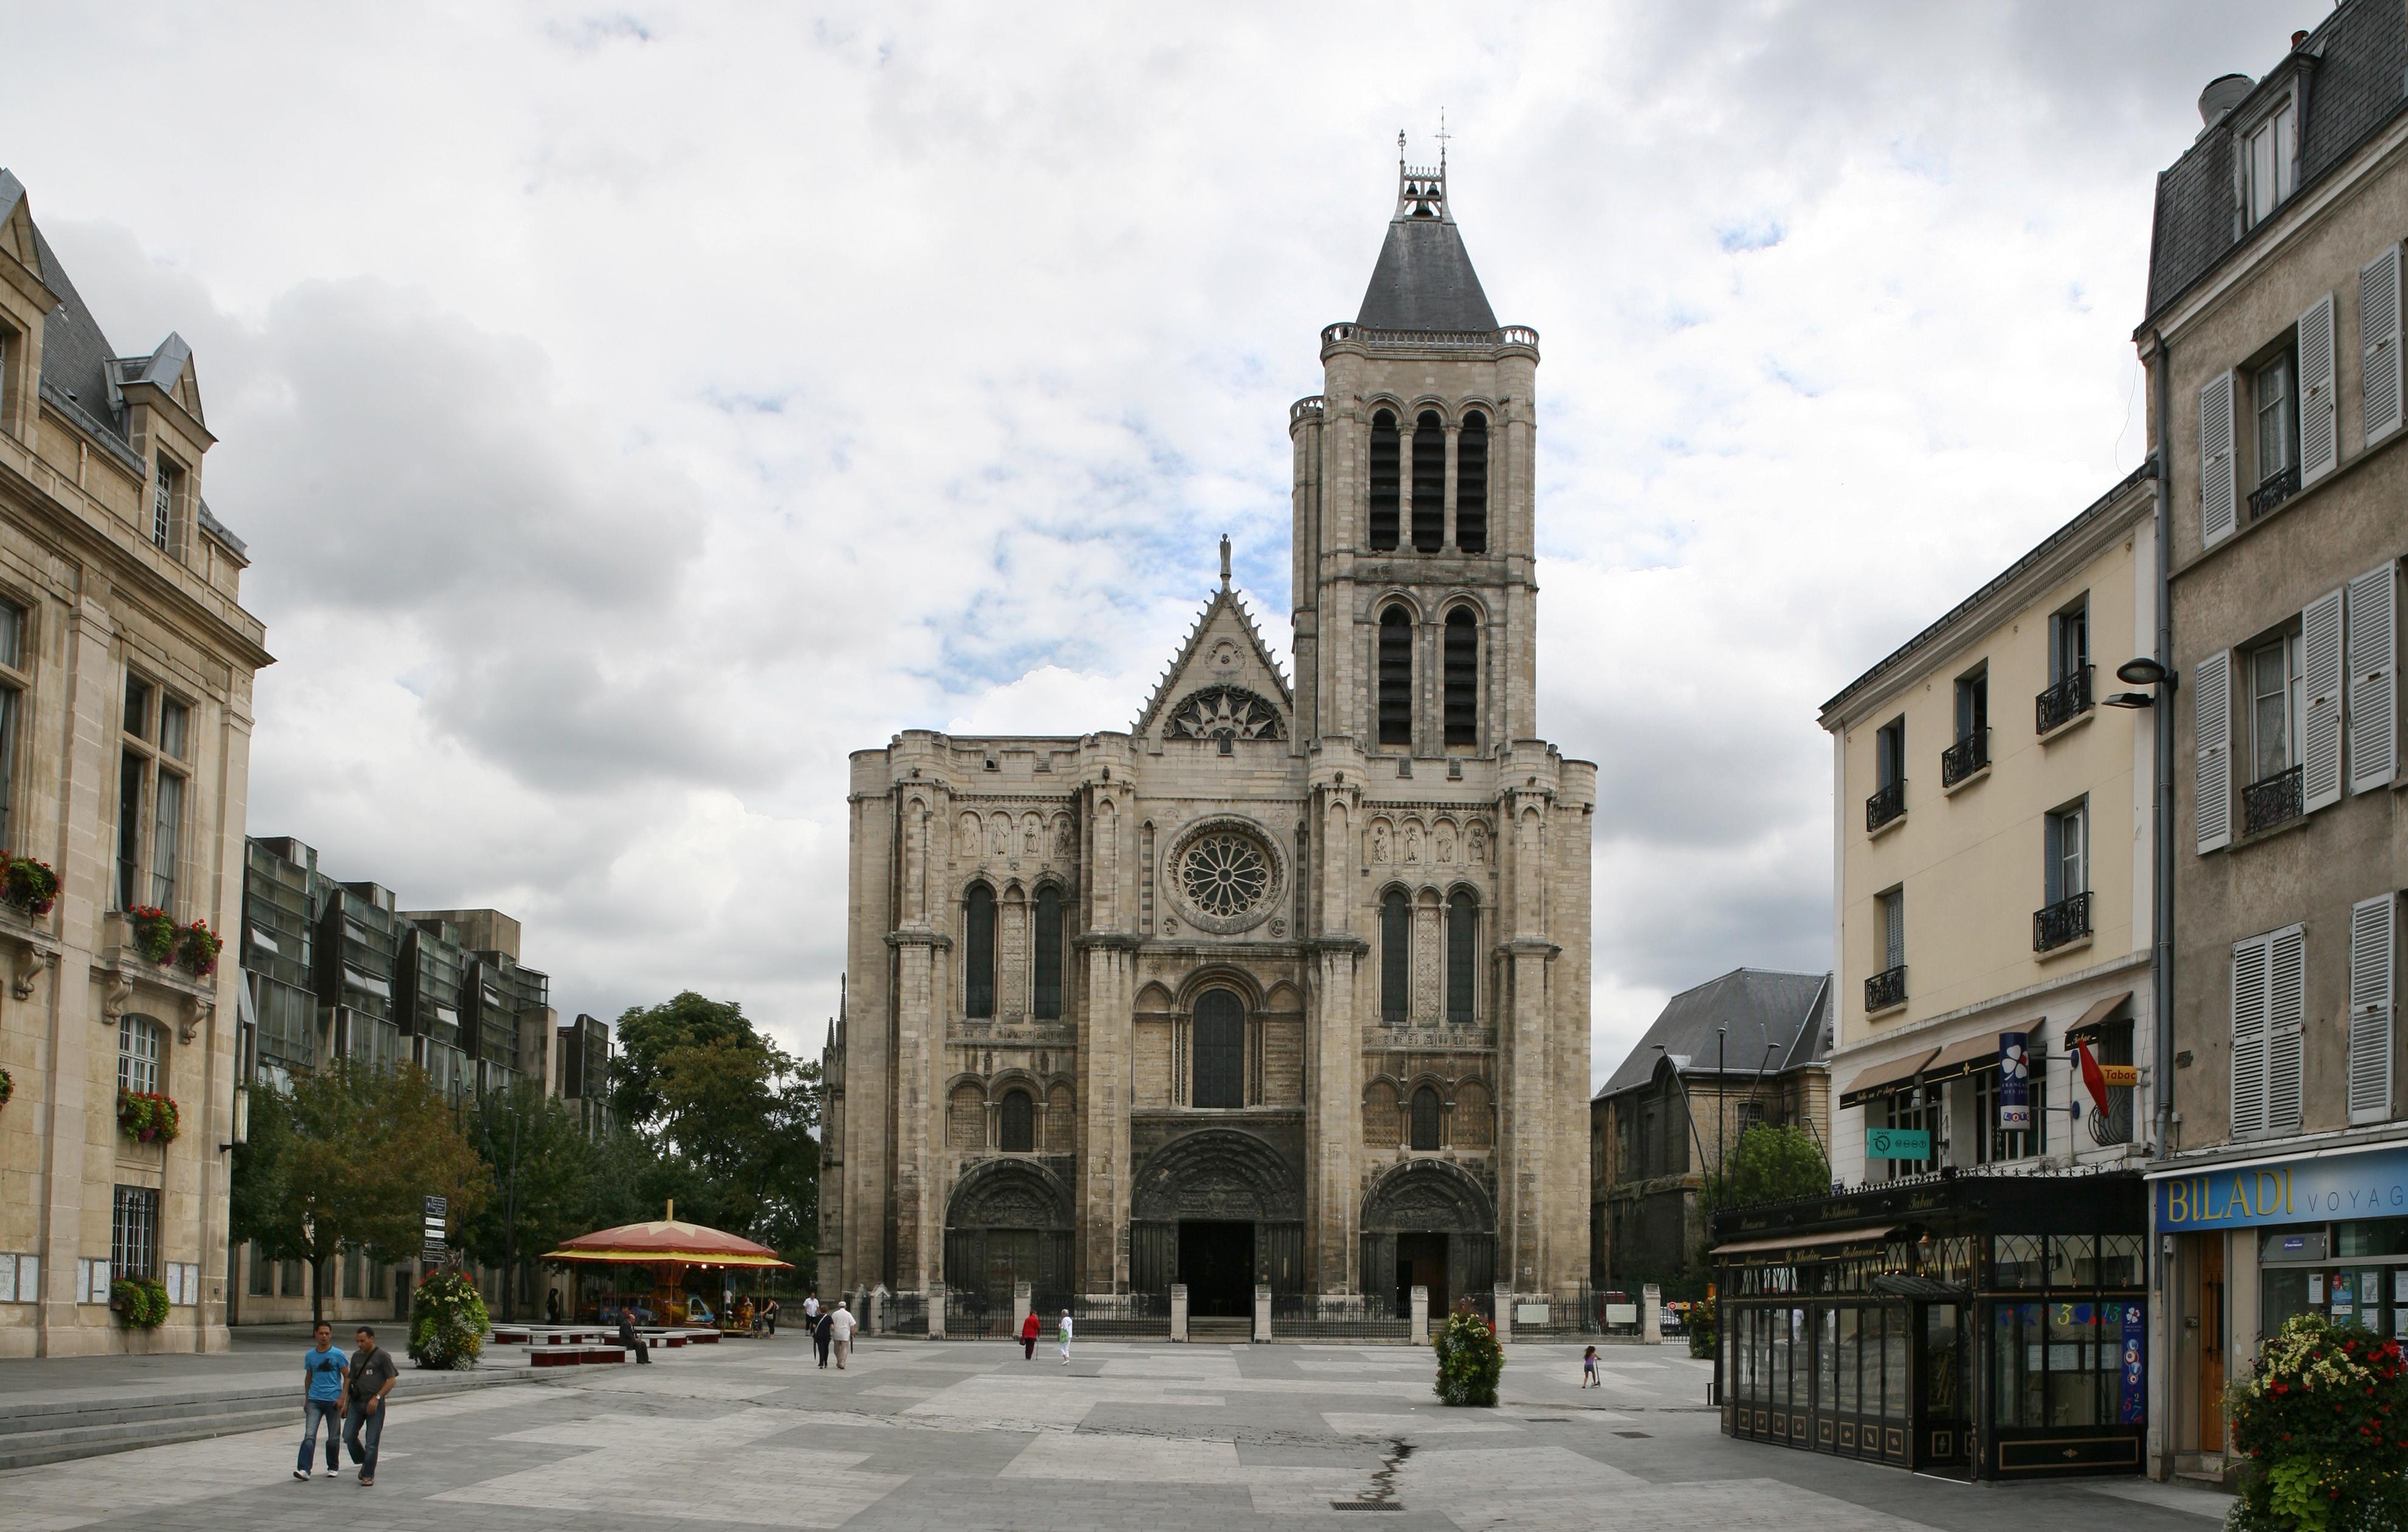 basilique-saint-denis-cathedrale-facade-exterieure.jpg